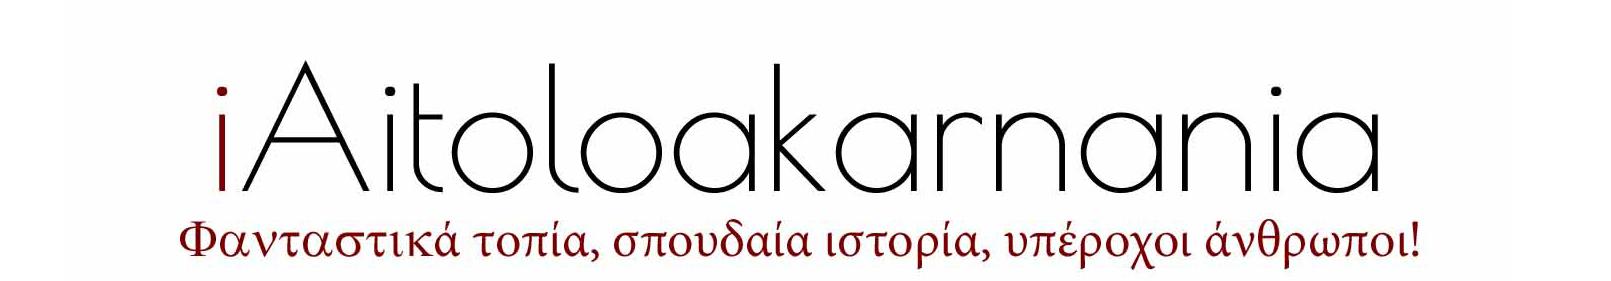 http://iaitoloakarnania.gr/2017/01/areti-ketime-ke-metiki-se-mia-monadiki-synergasia/